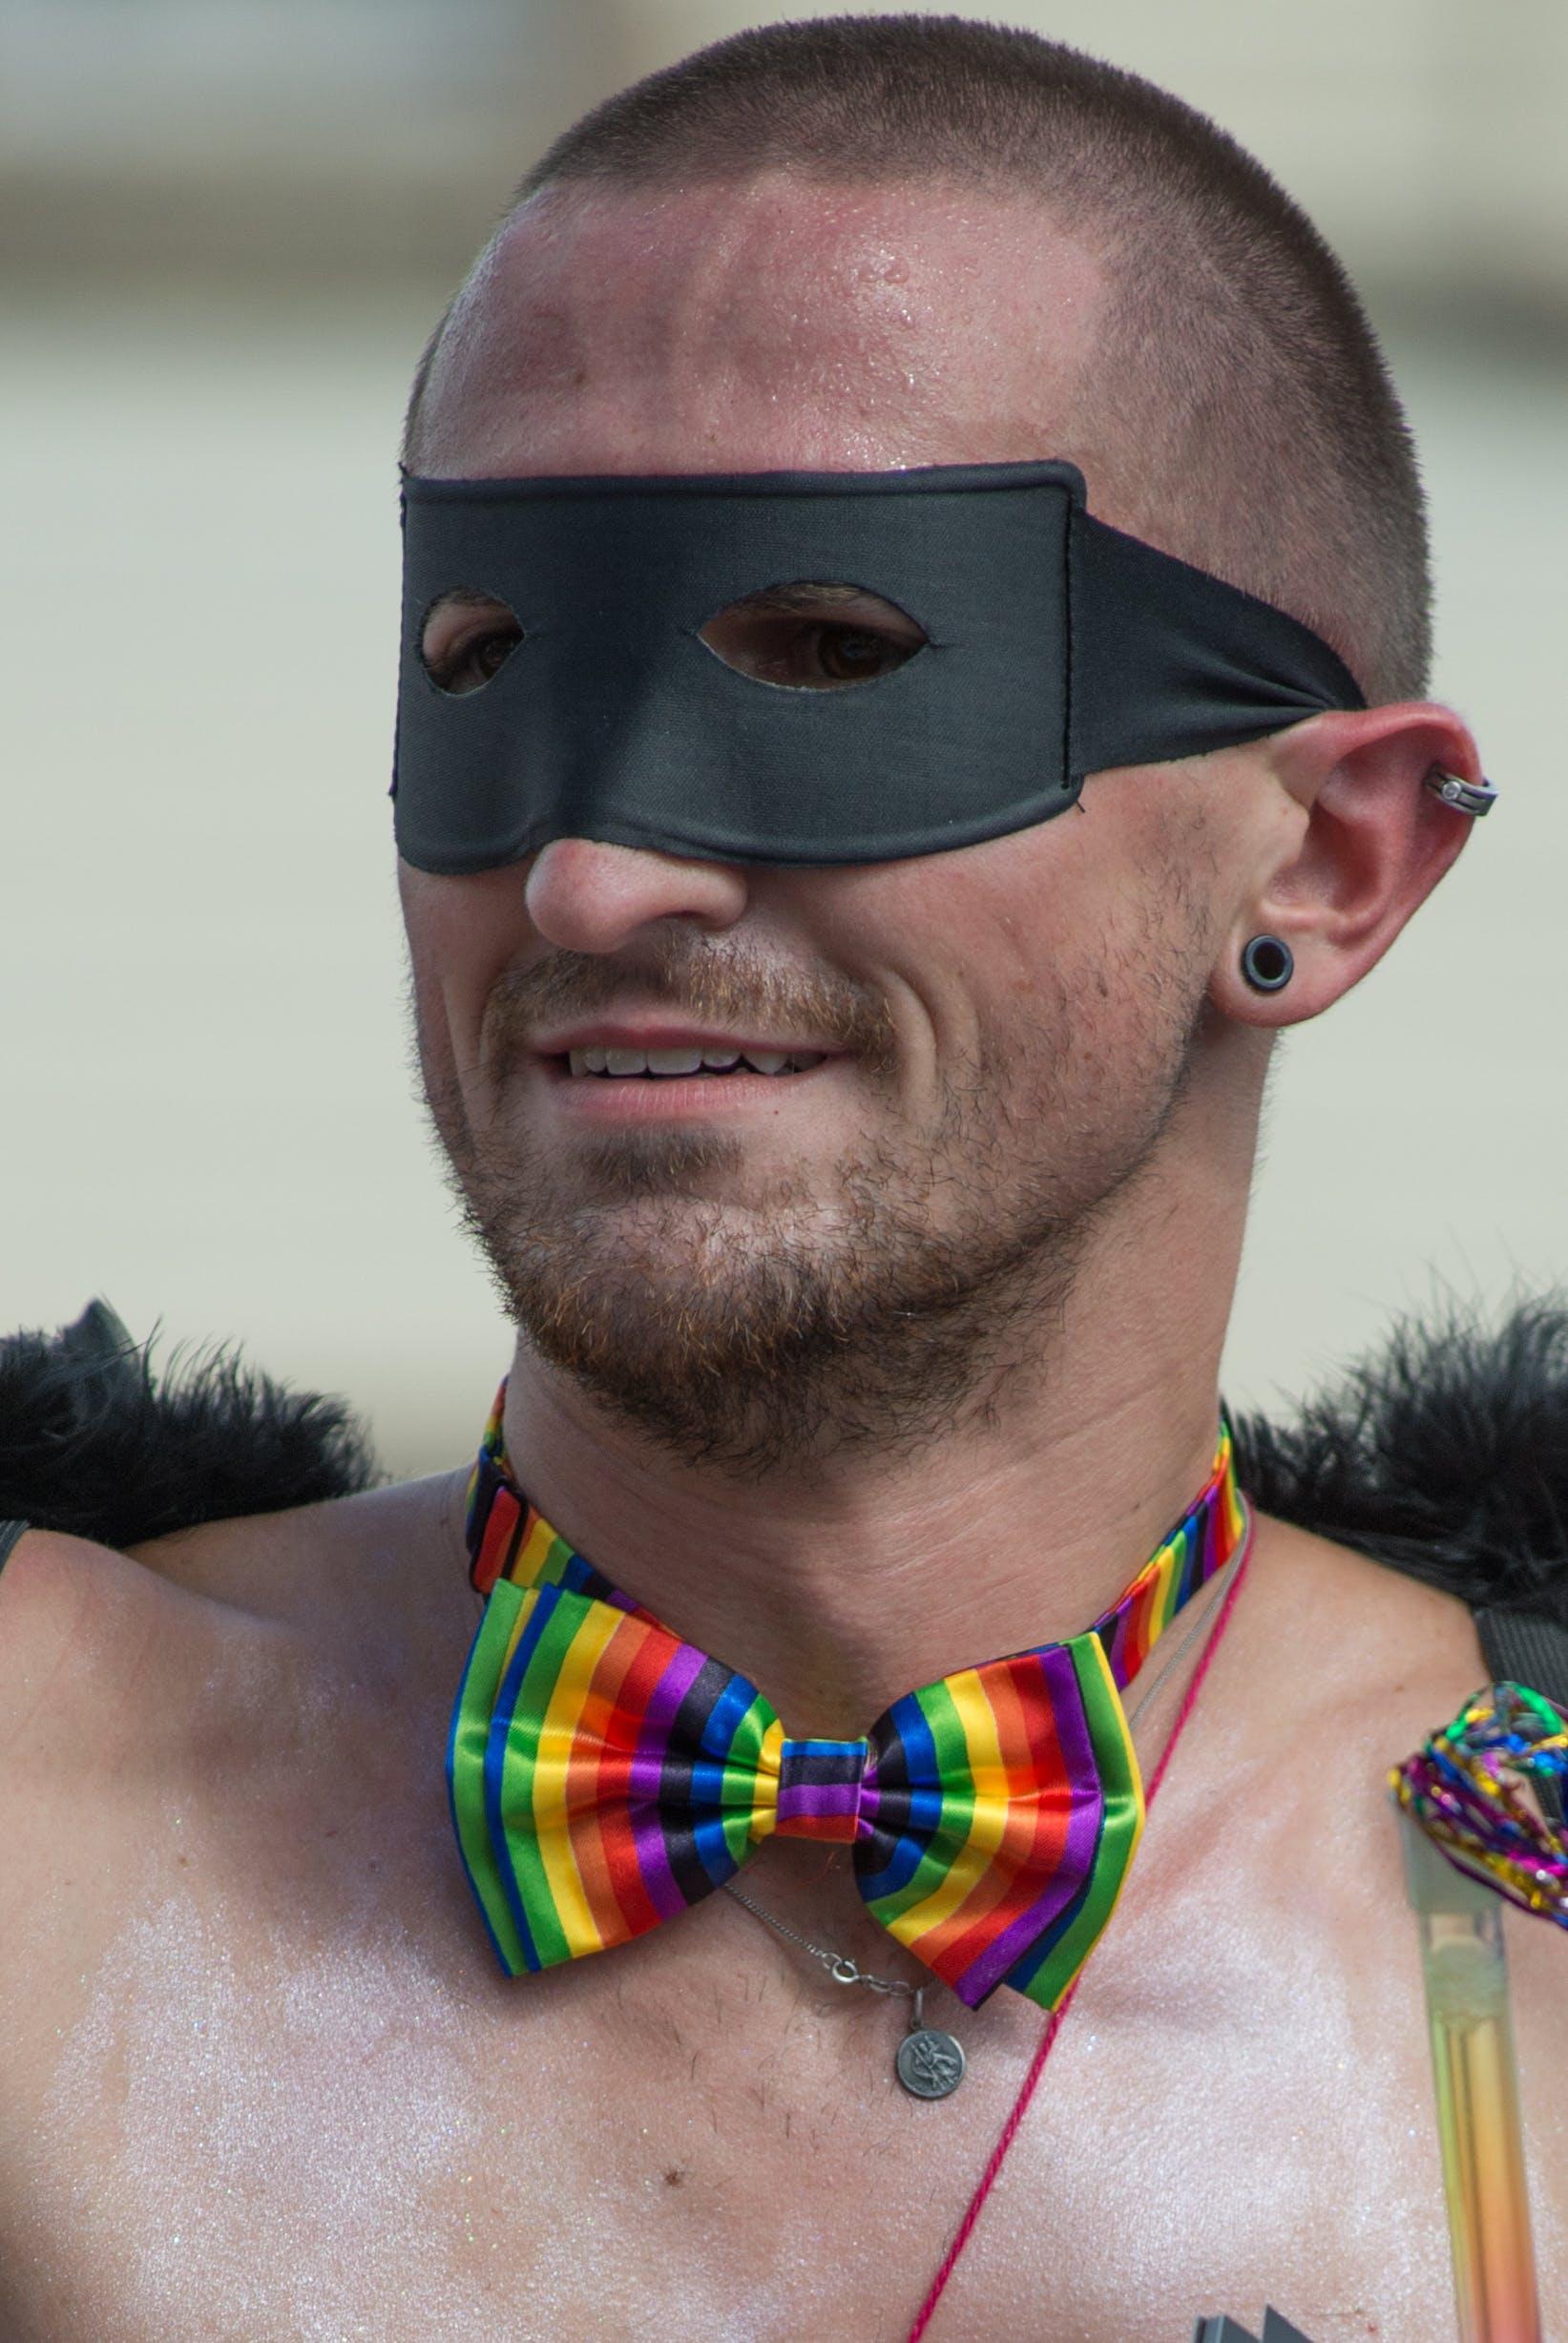 Man Wears Black Mask